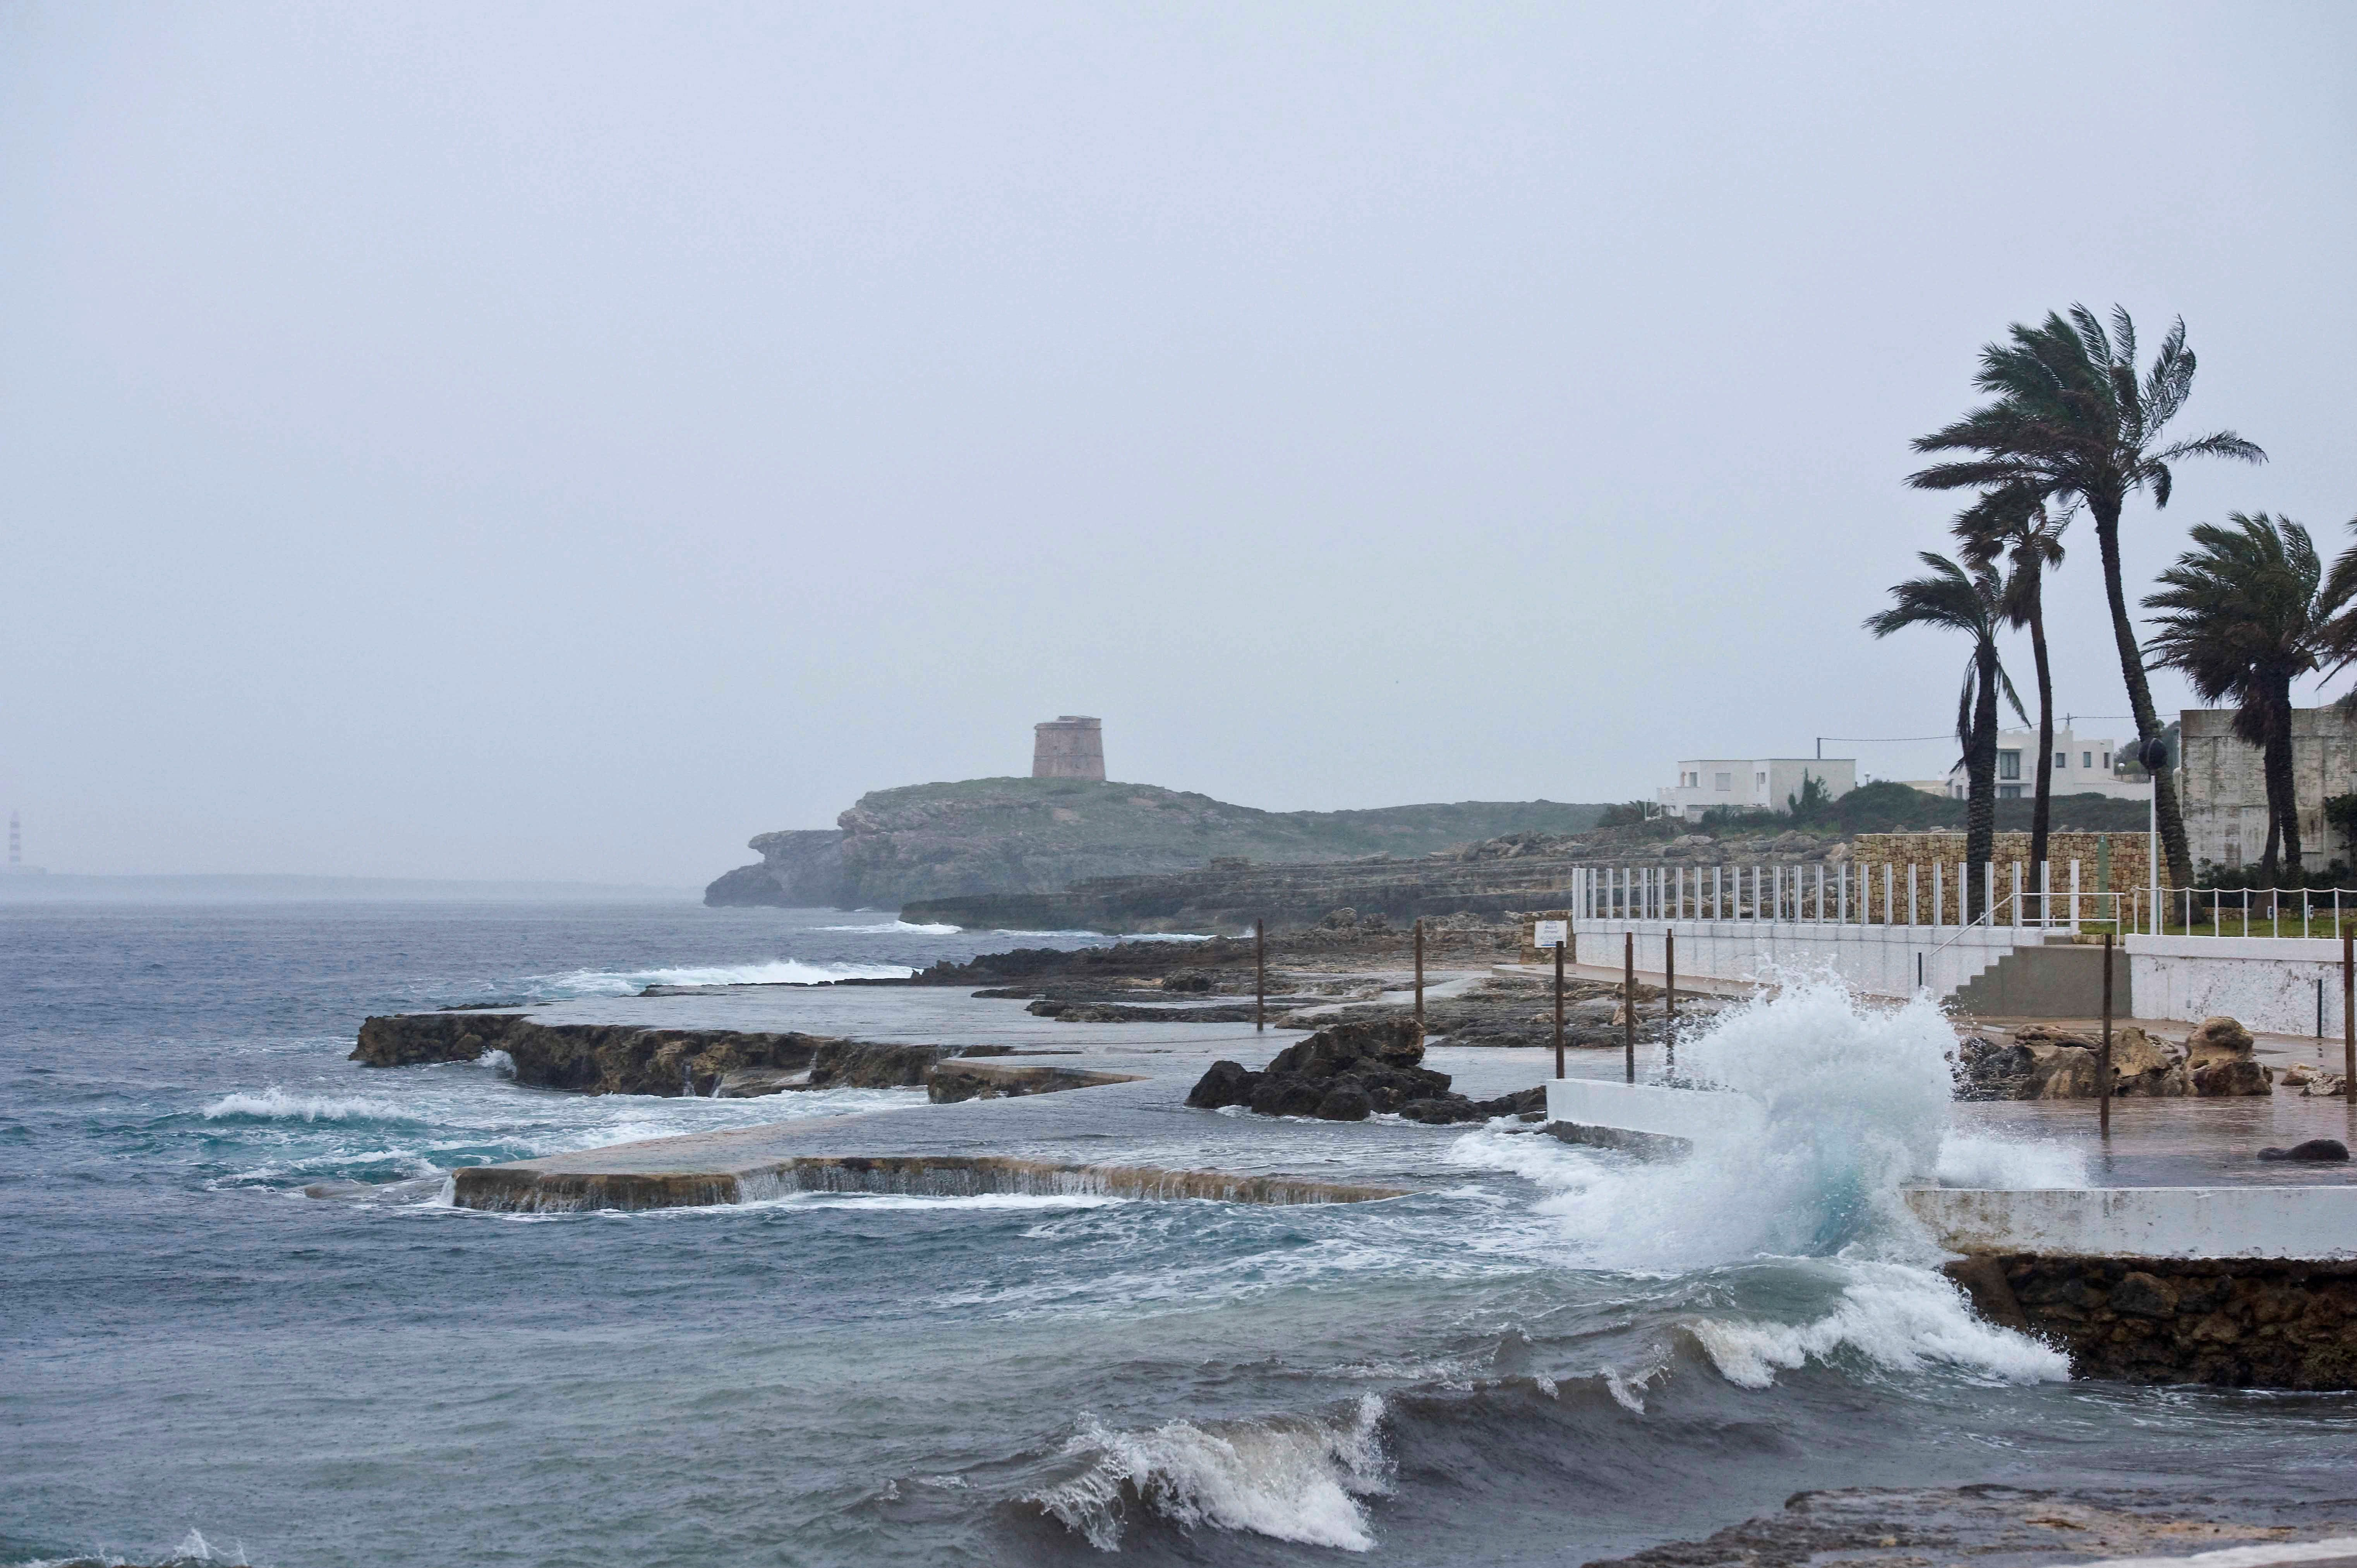 El port de Ciutadella, tancat per forts vents i mala mar. /DAVID ARQUIMBAU